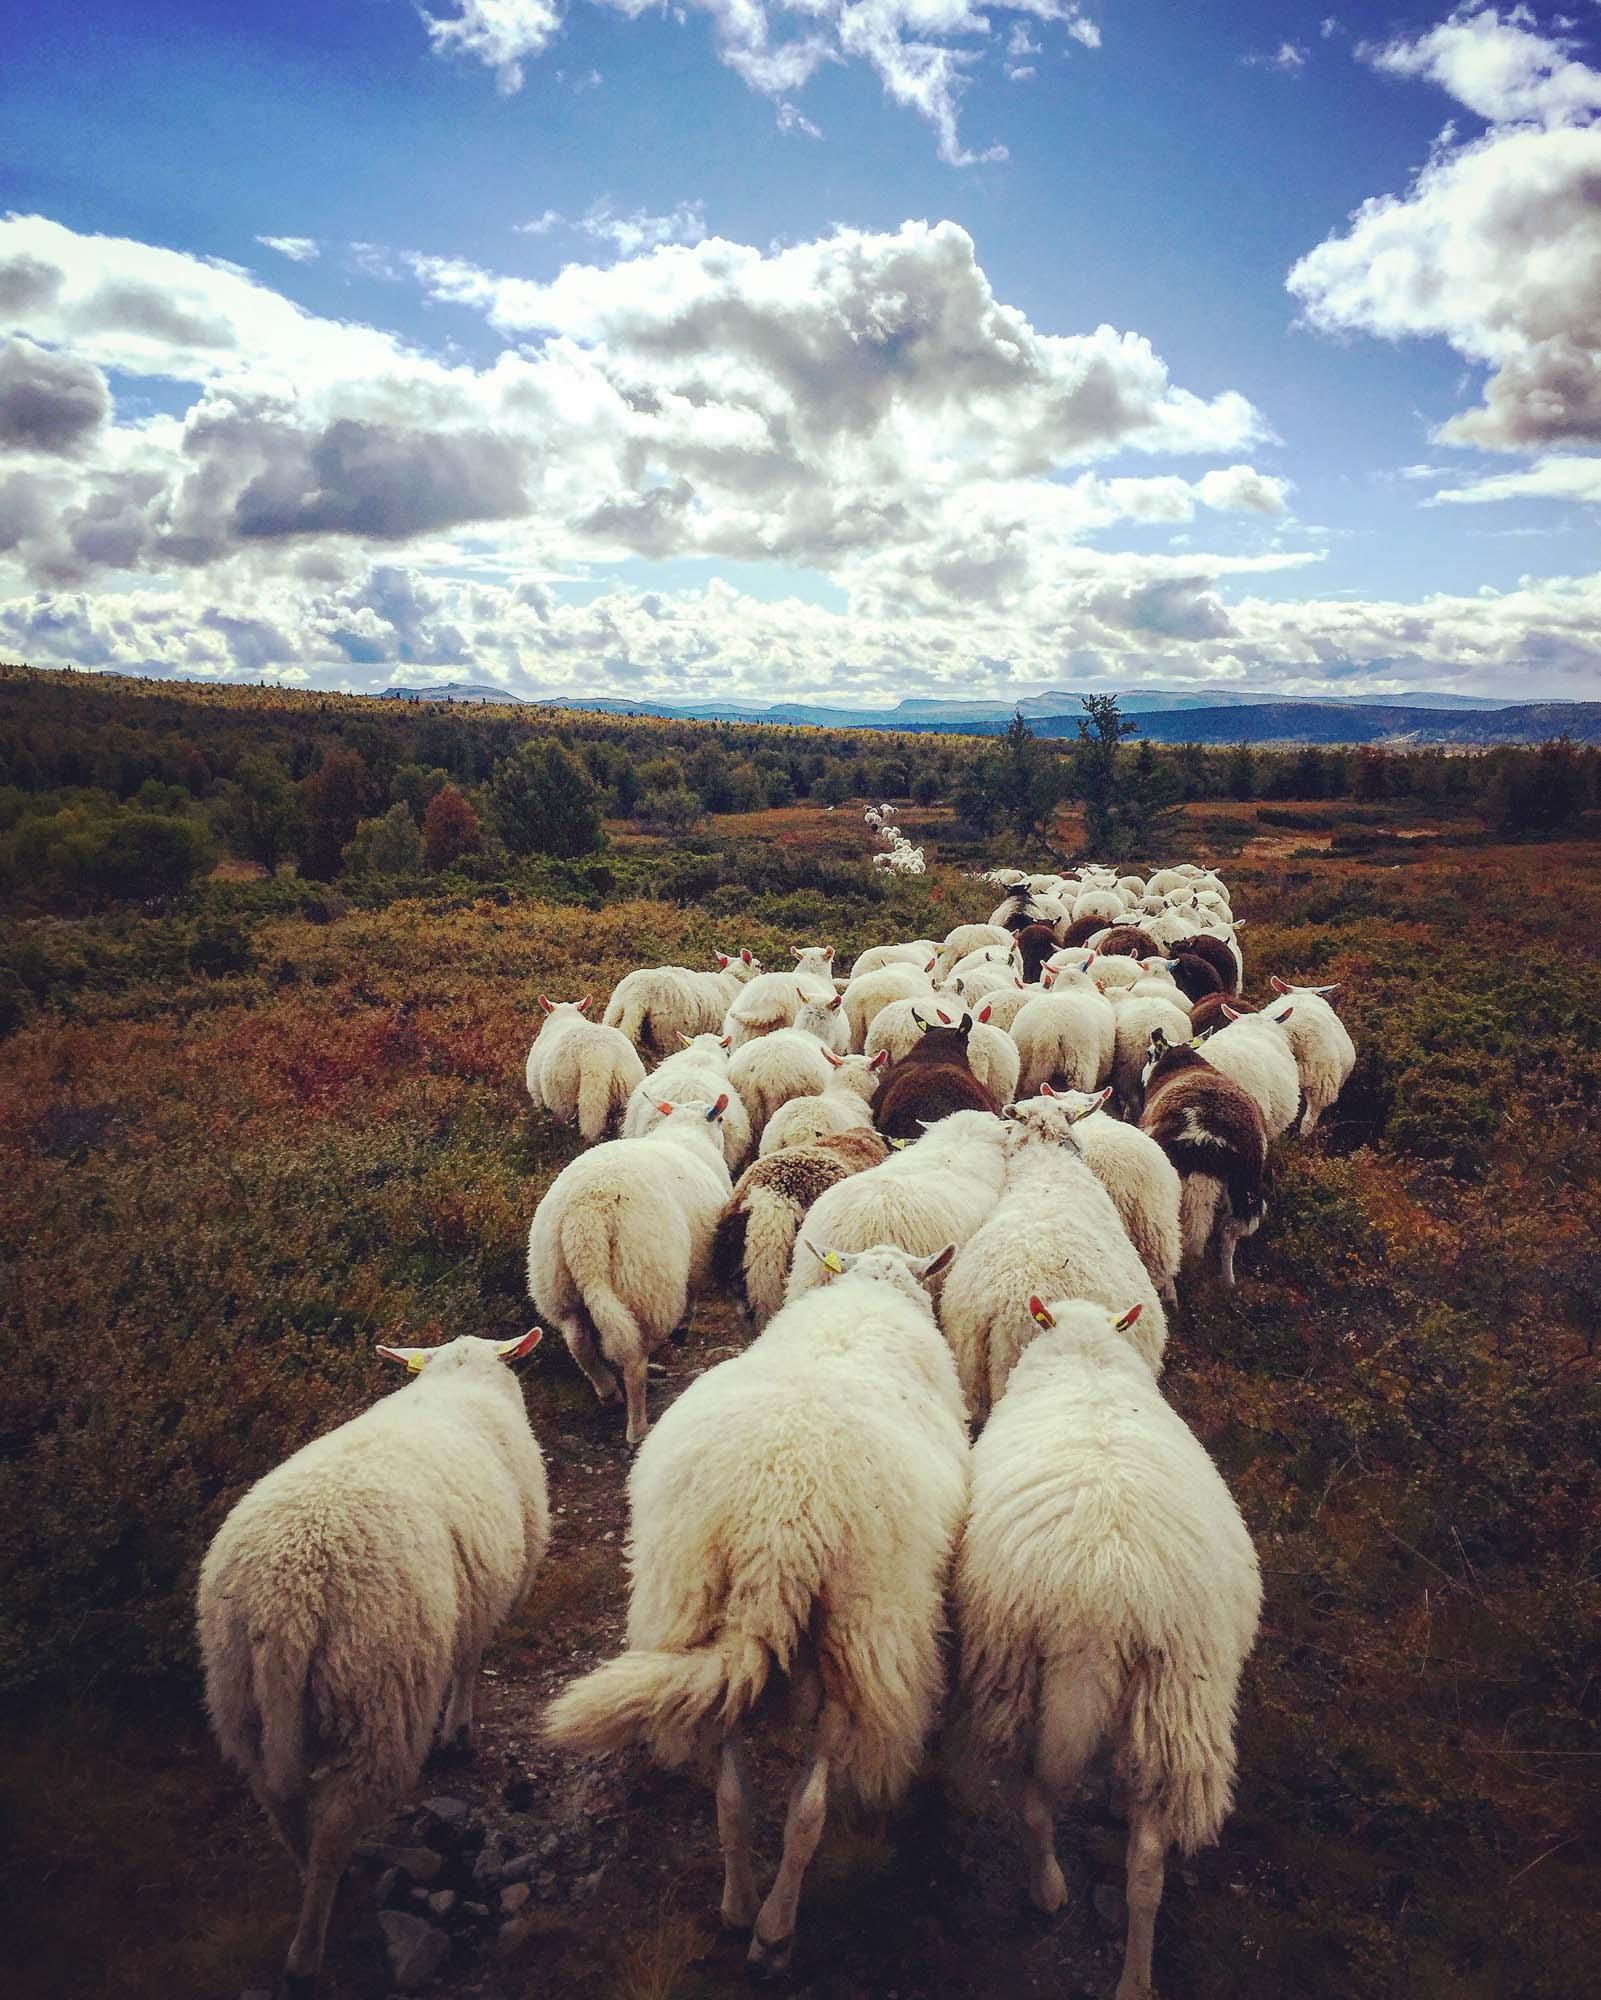 Sauesanking. Bildet tatt ved Breistulen på Ringebufjellet etter 8 timers gange. Vi hadde oppstart ved Ormsetra i imsdalen og avsluttes på Breistulen. Når vi nærmer oss setra møtes alle sauene for å gå på en lang rekke. I dette følget er det ca 1000 sau.